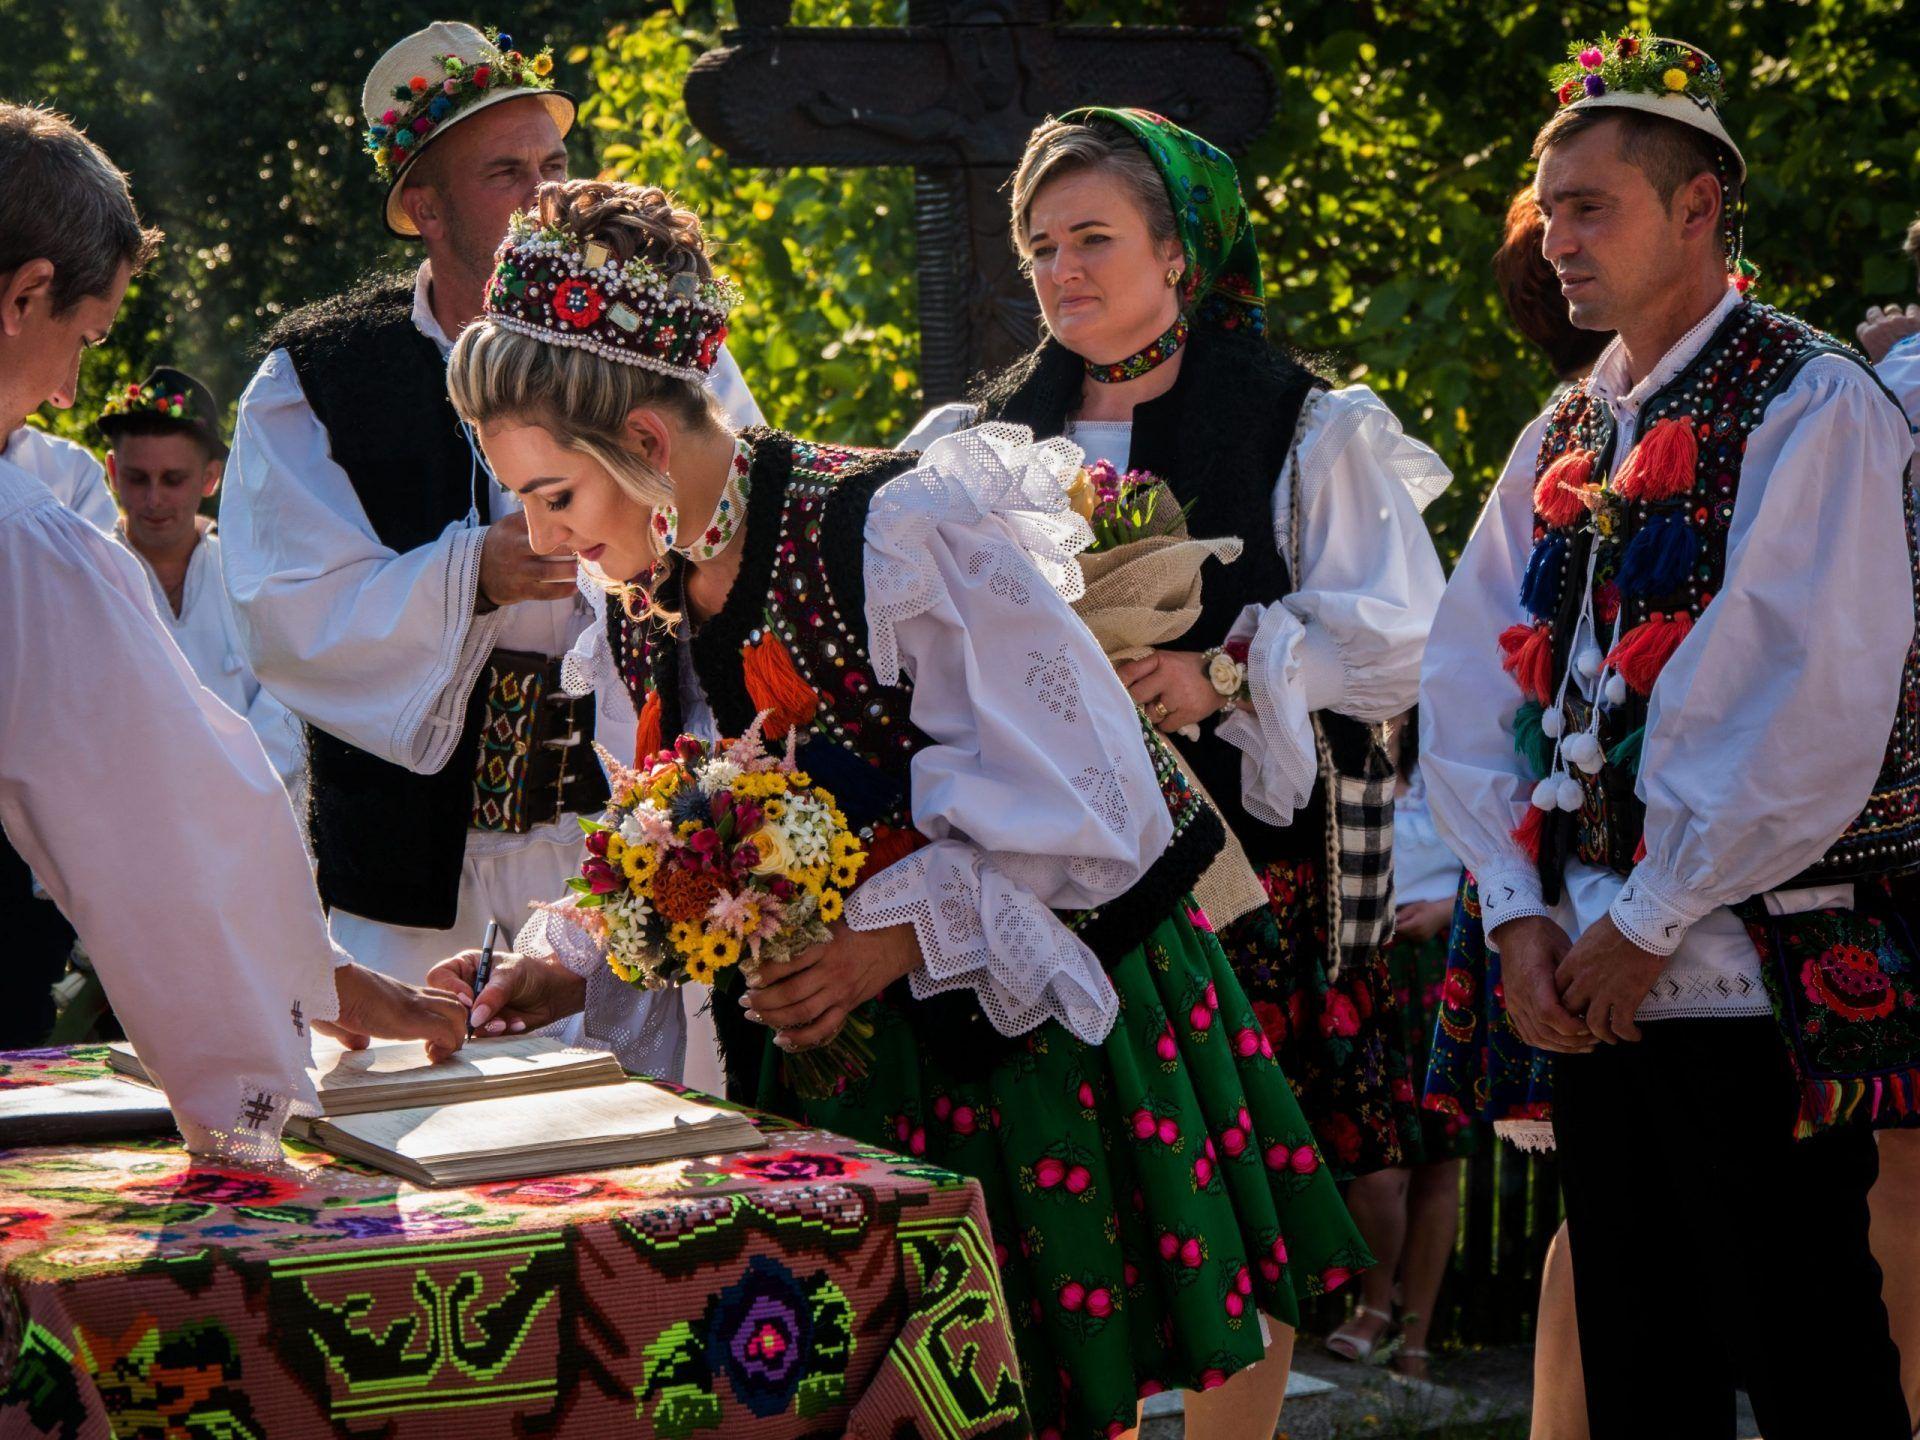 Vacanță cu familia în Maramureș și Bucovina: gustul vieții la țară!